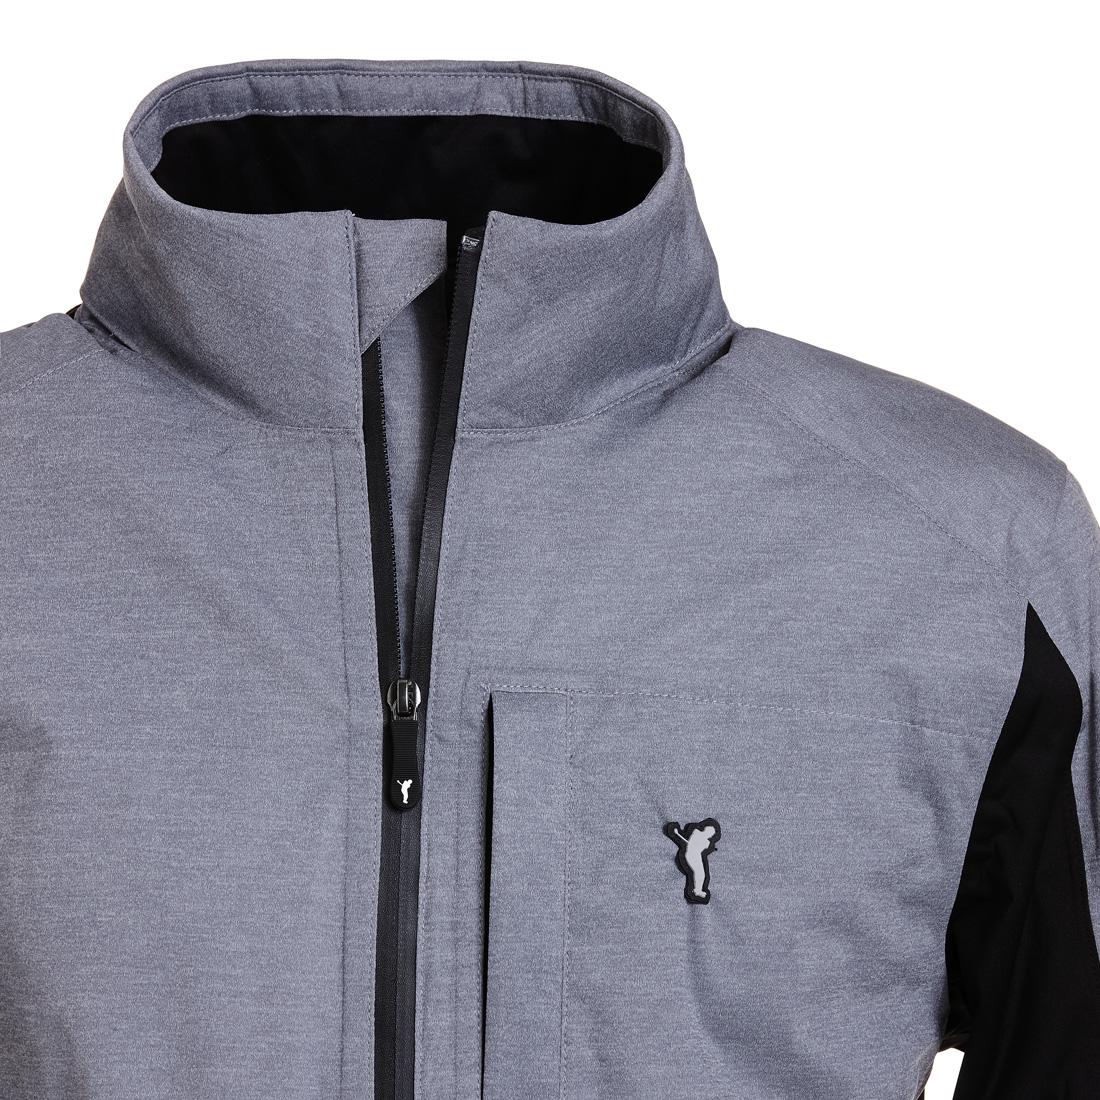 Golf Regenanzug leichte wasserfeste Jacke